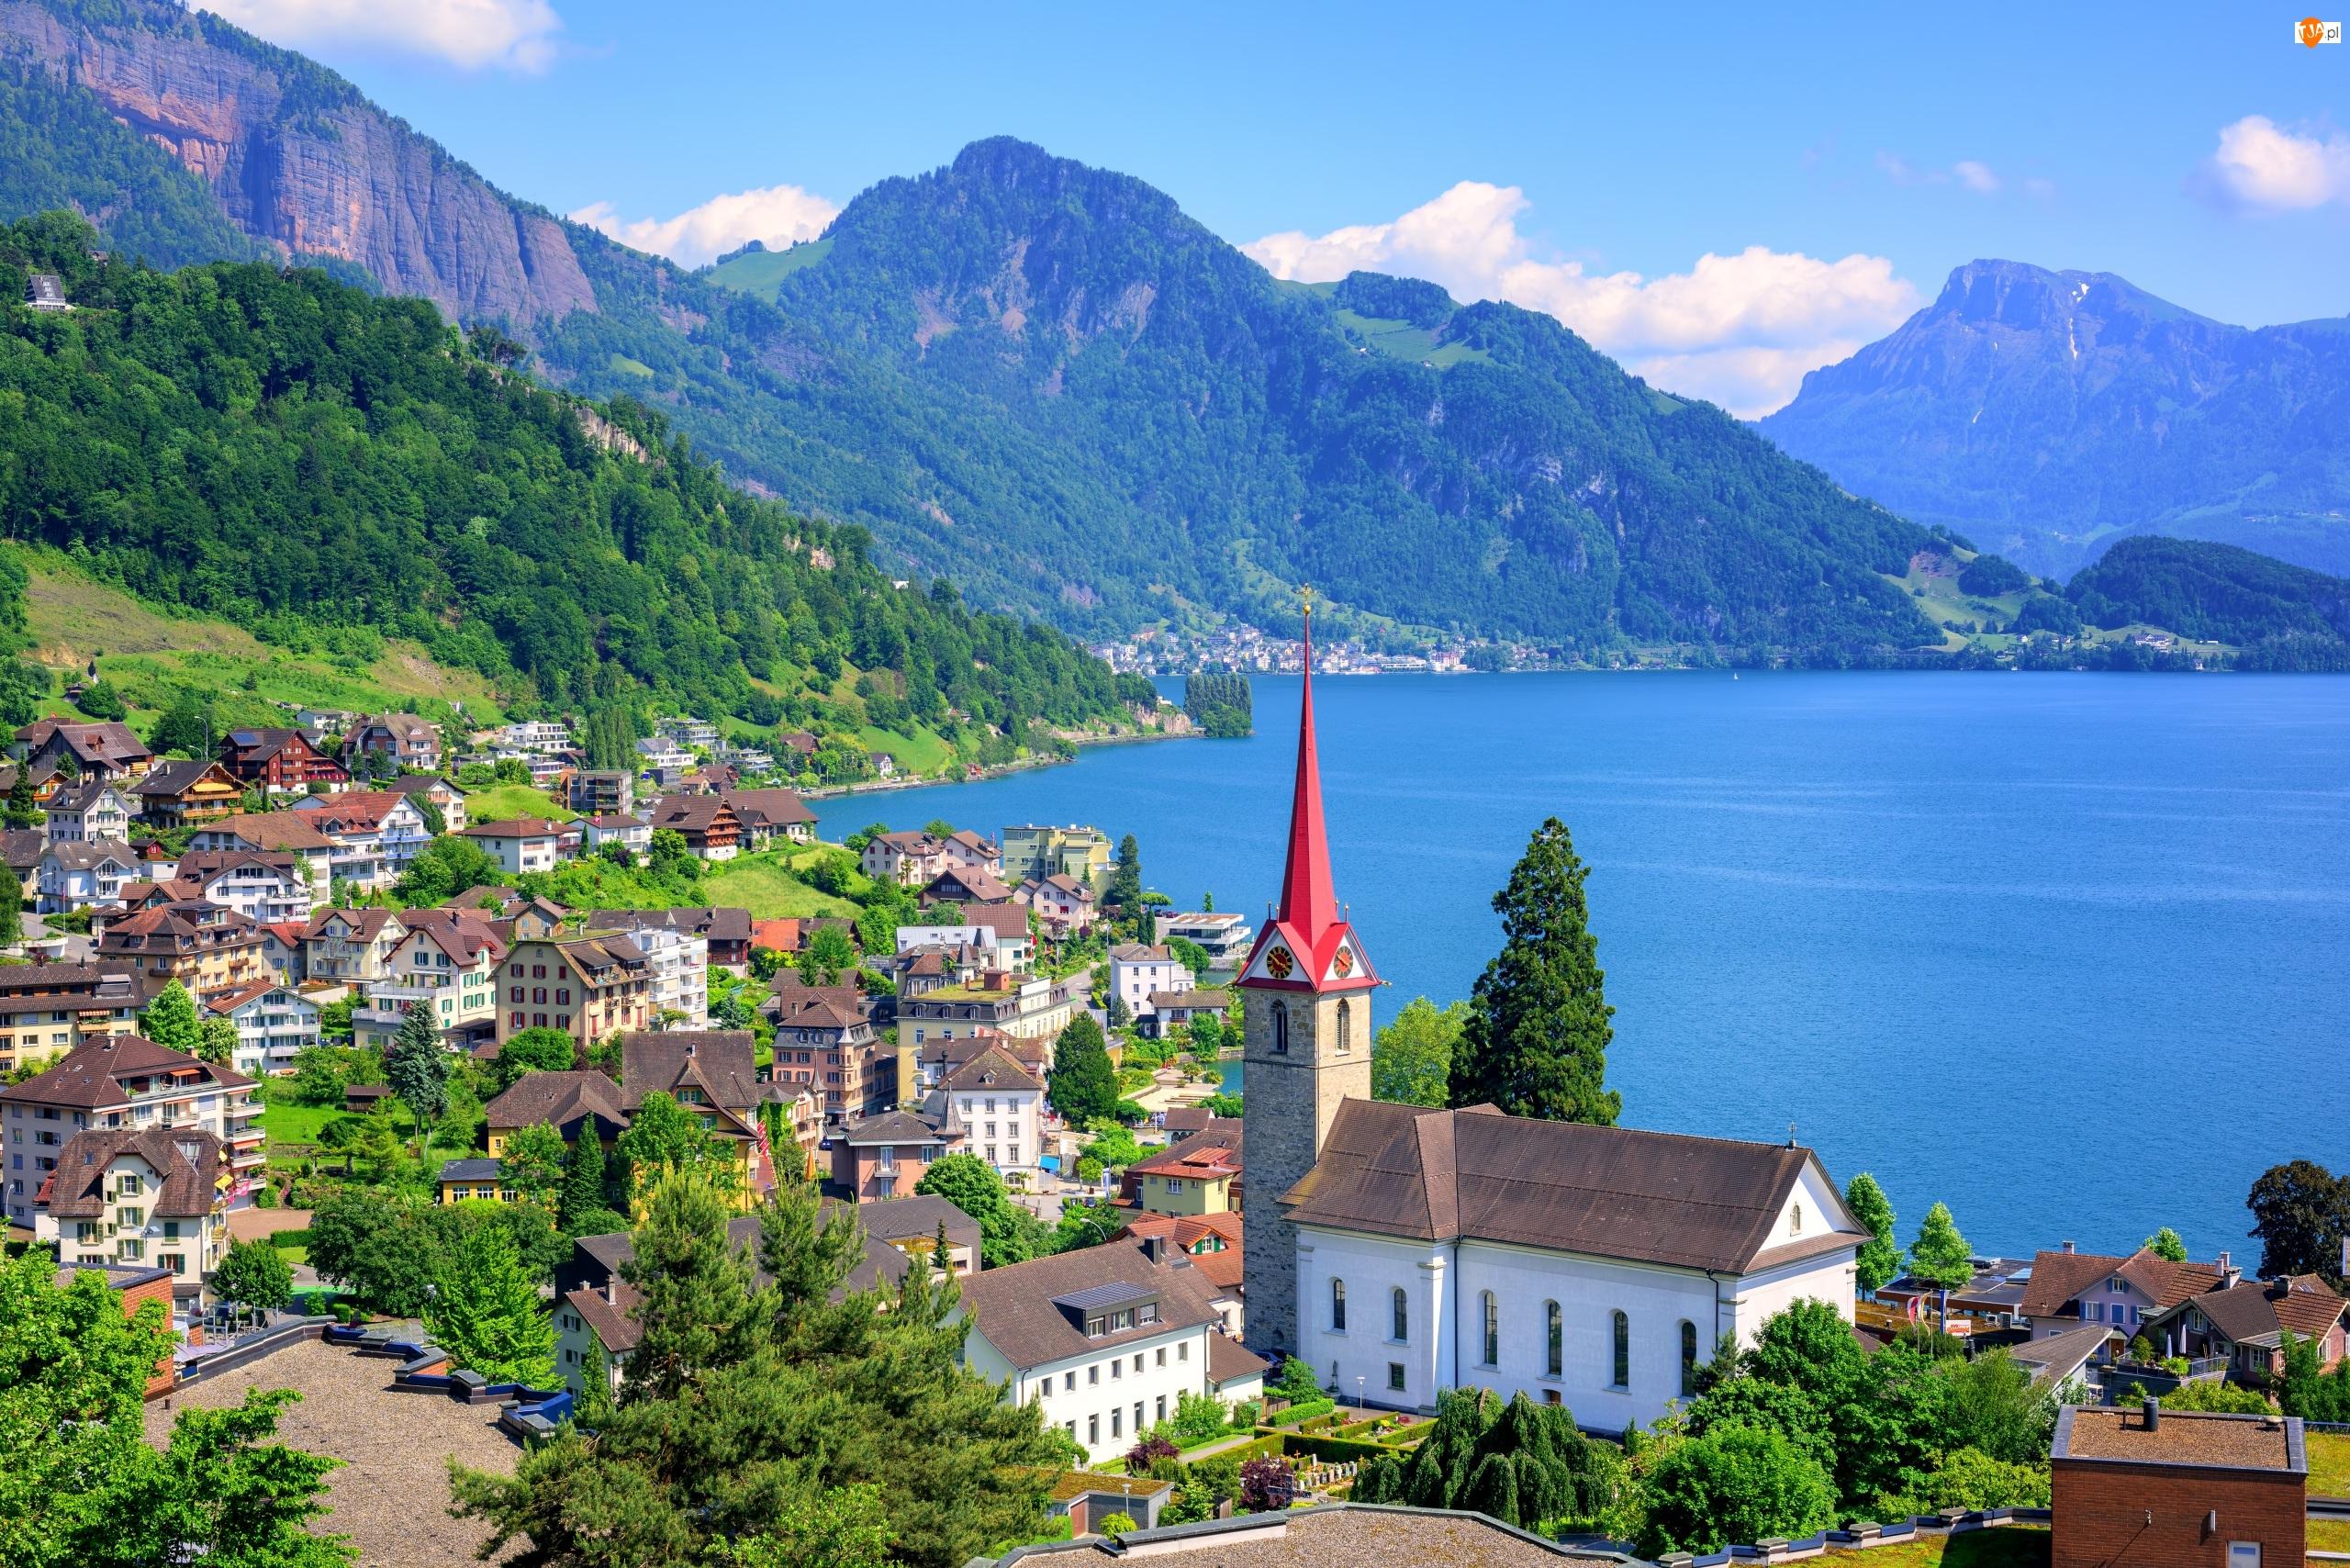 Kanton Lucerna, Jezioro Czterech Kantonów, Szwajcaria, Kościół, Weggis, Góry